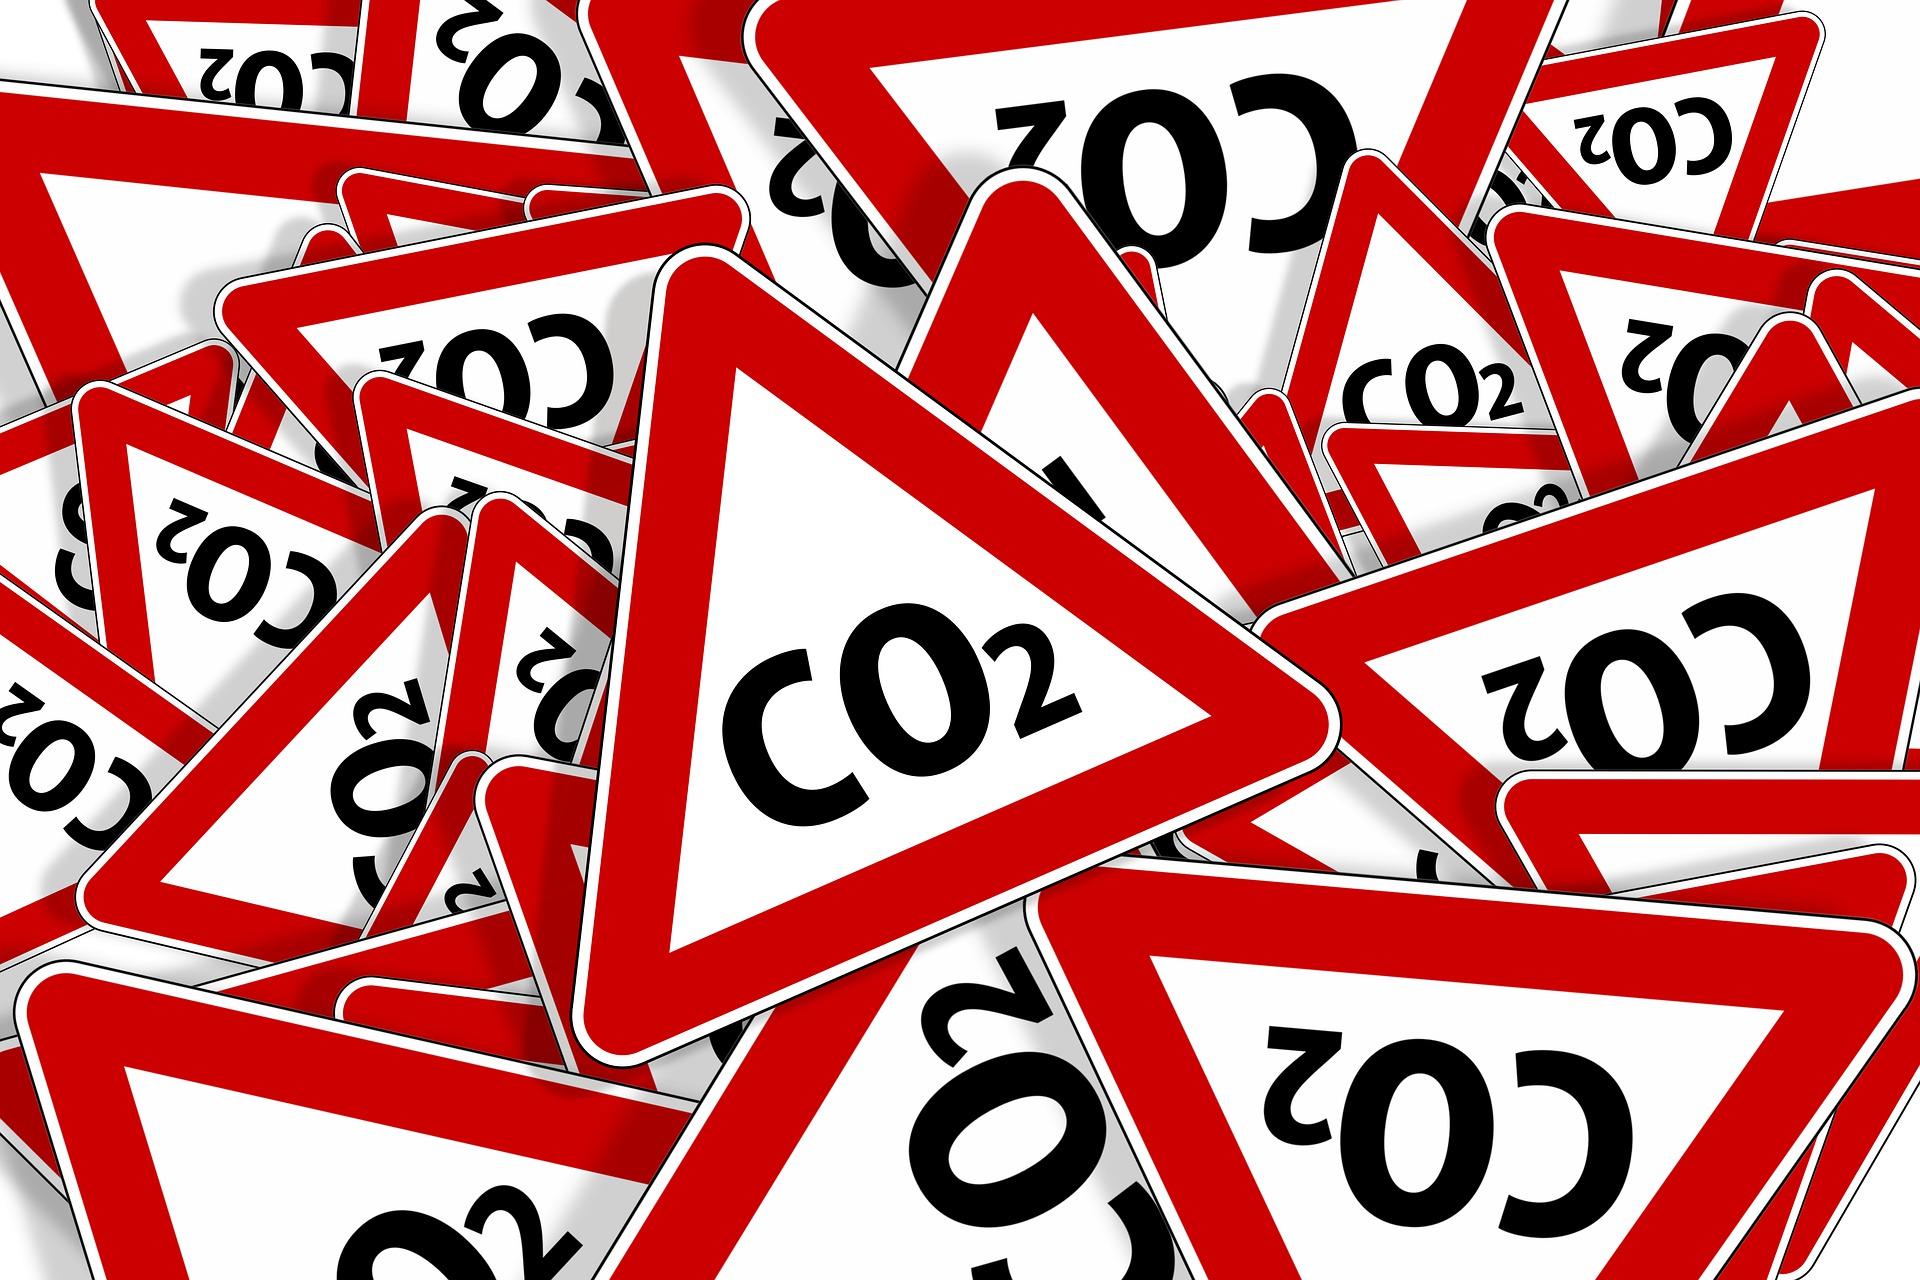 CO2-Steuer – eine Steuer! Mehr nicht?!